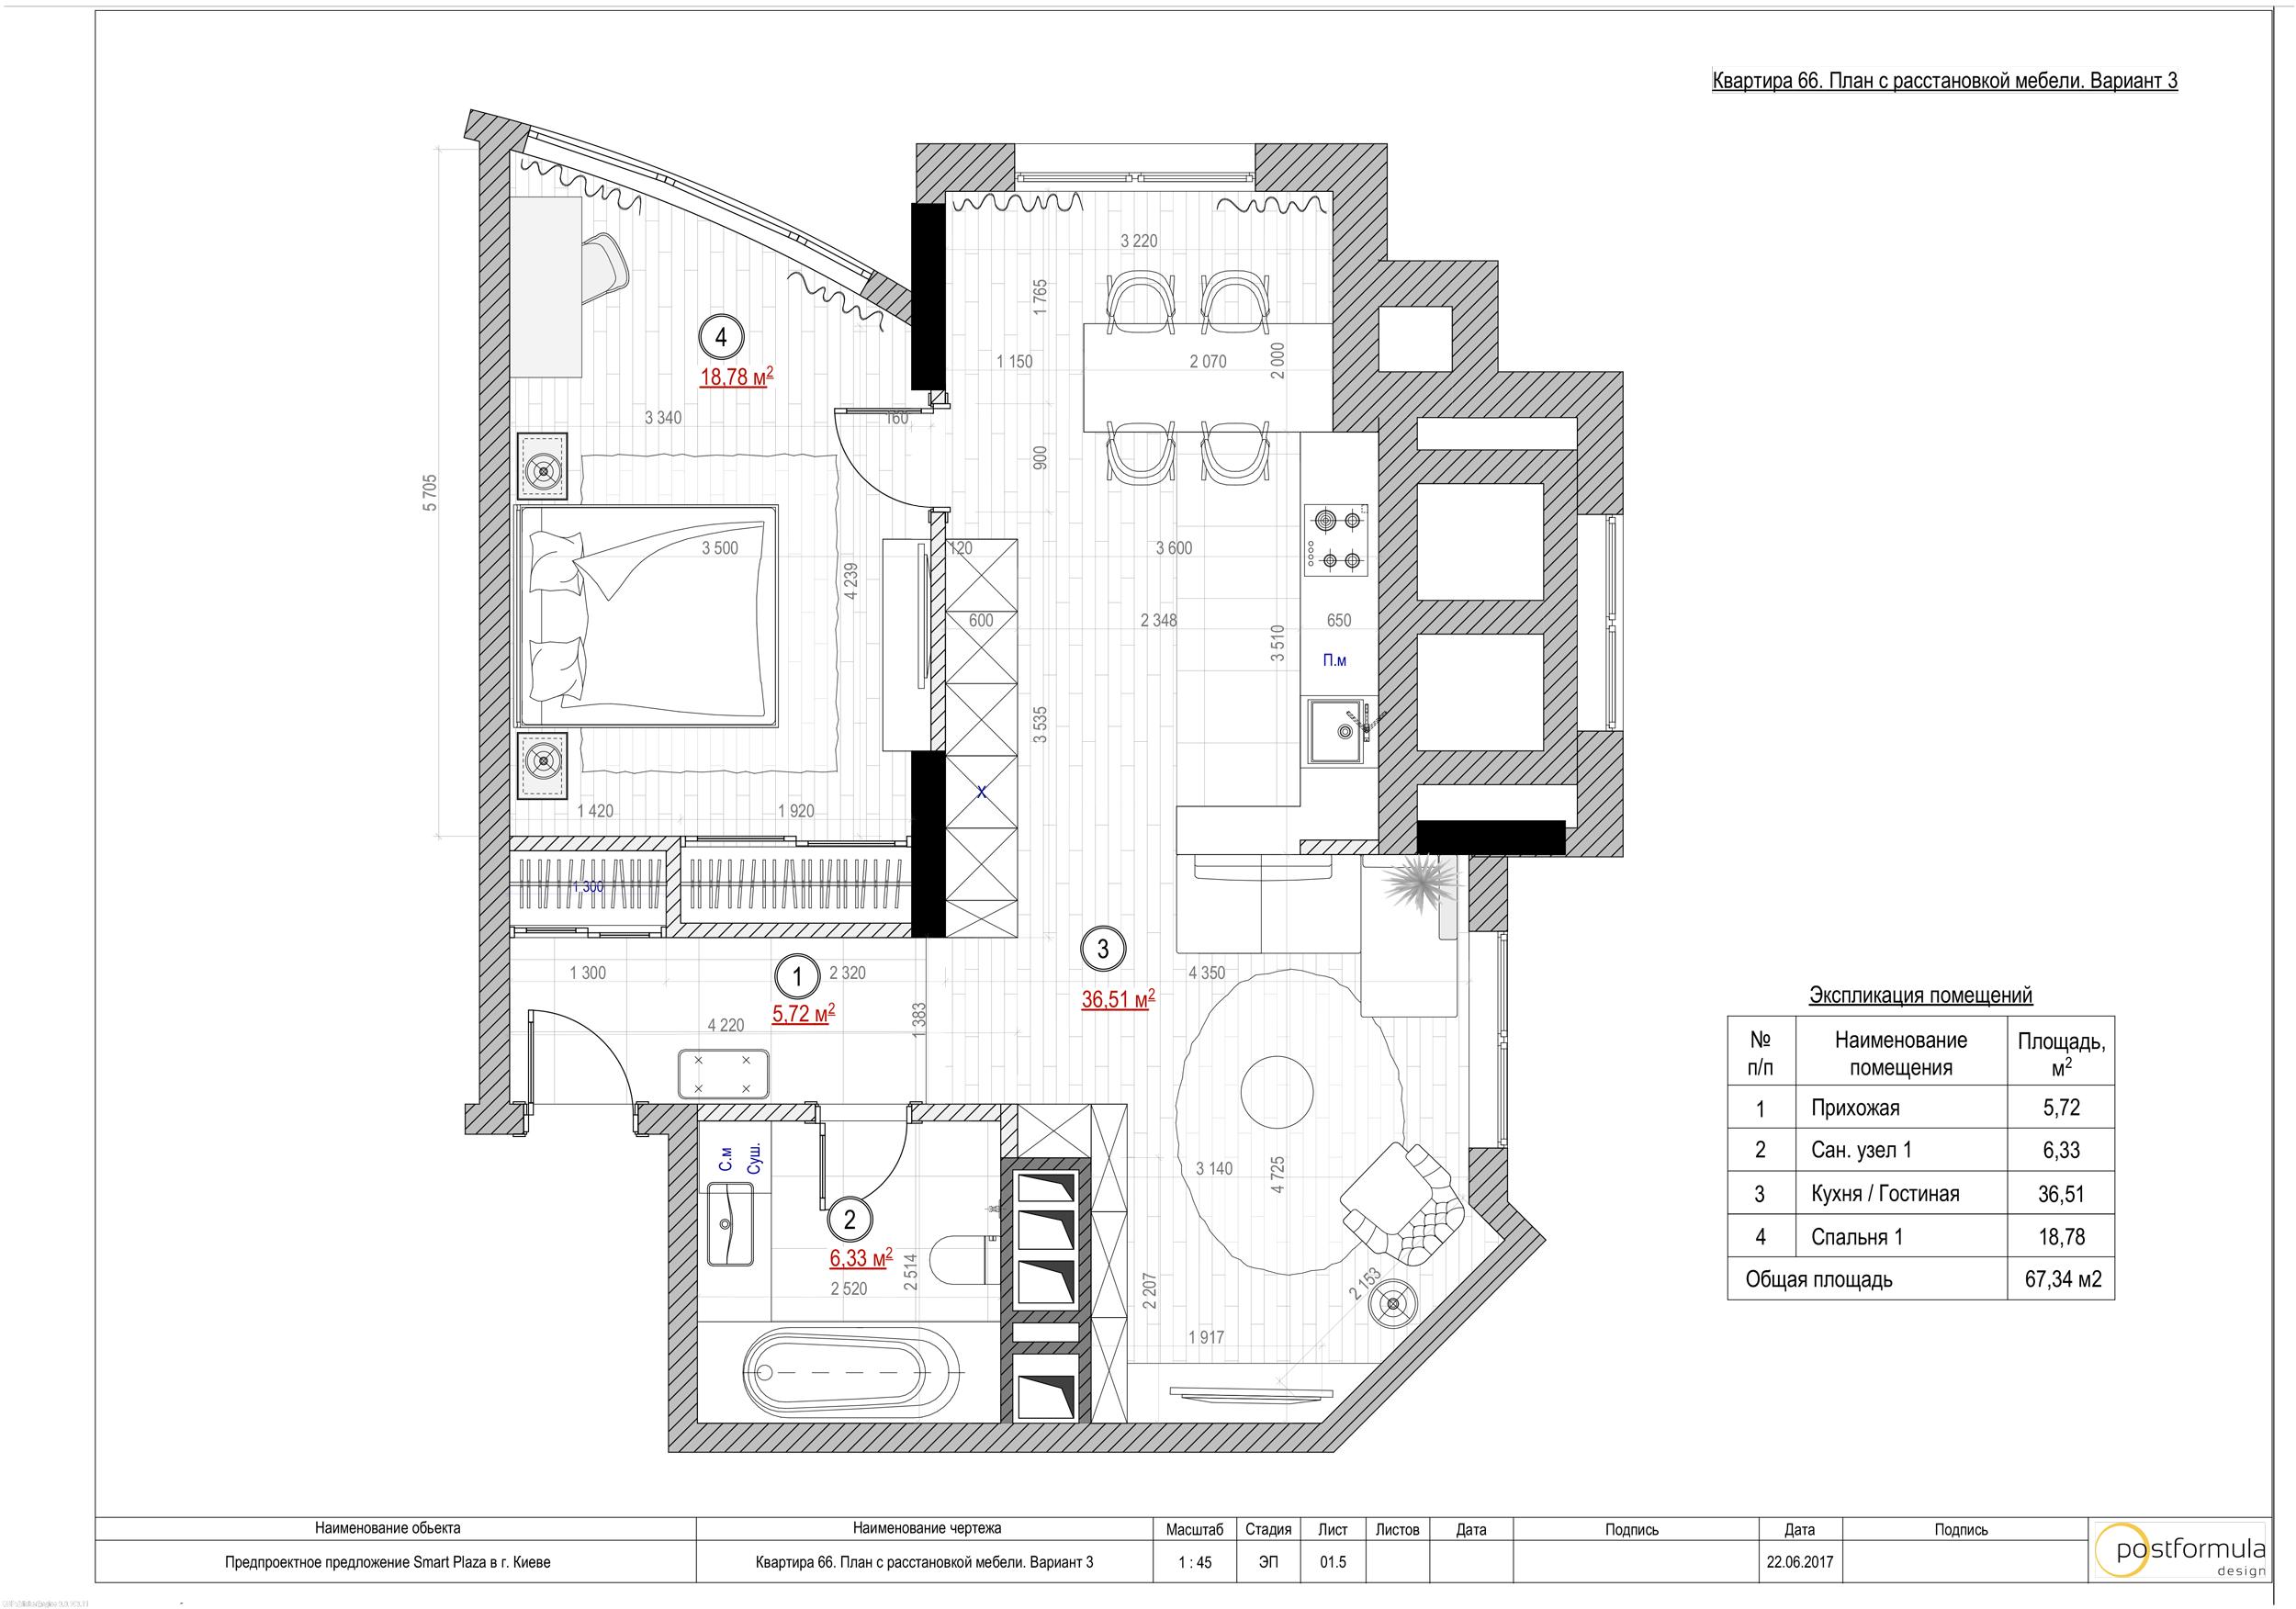 Второй альтернативныйвариант с просторной кухней/столовой и уютной зоной отдыха у окна.